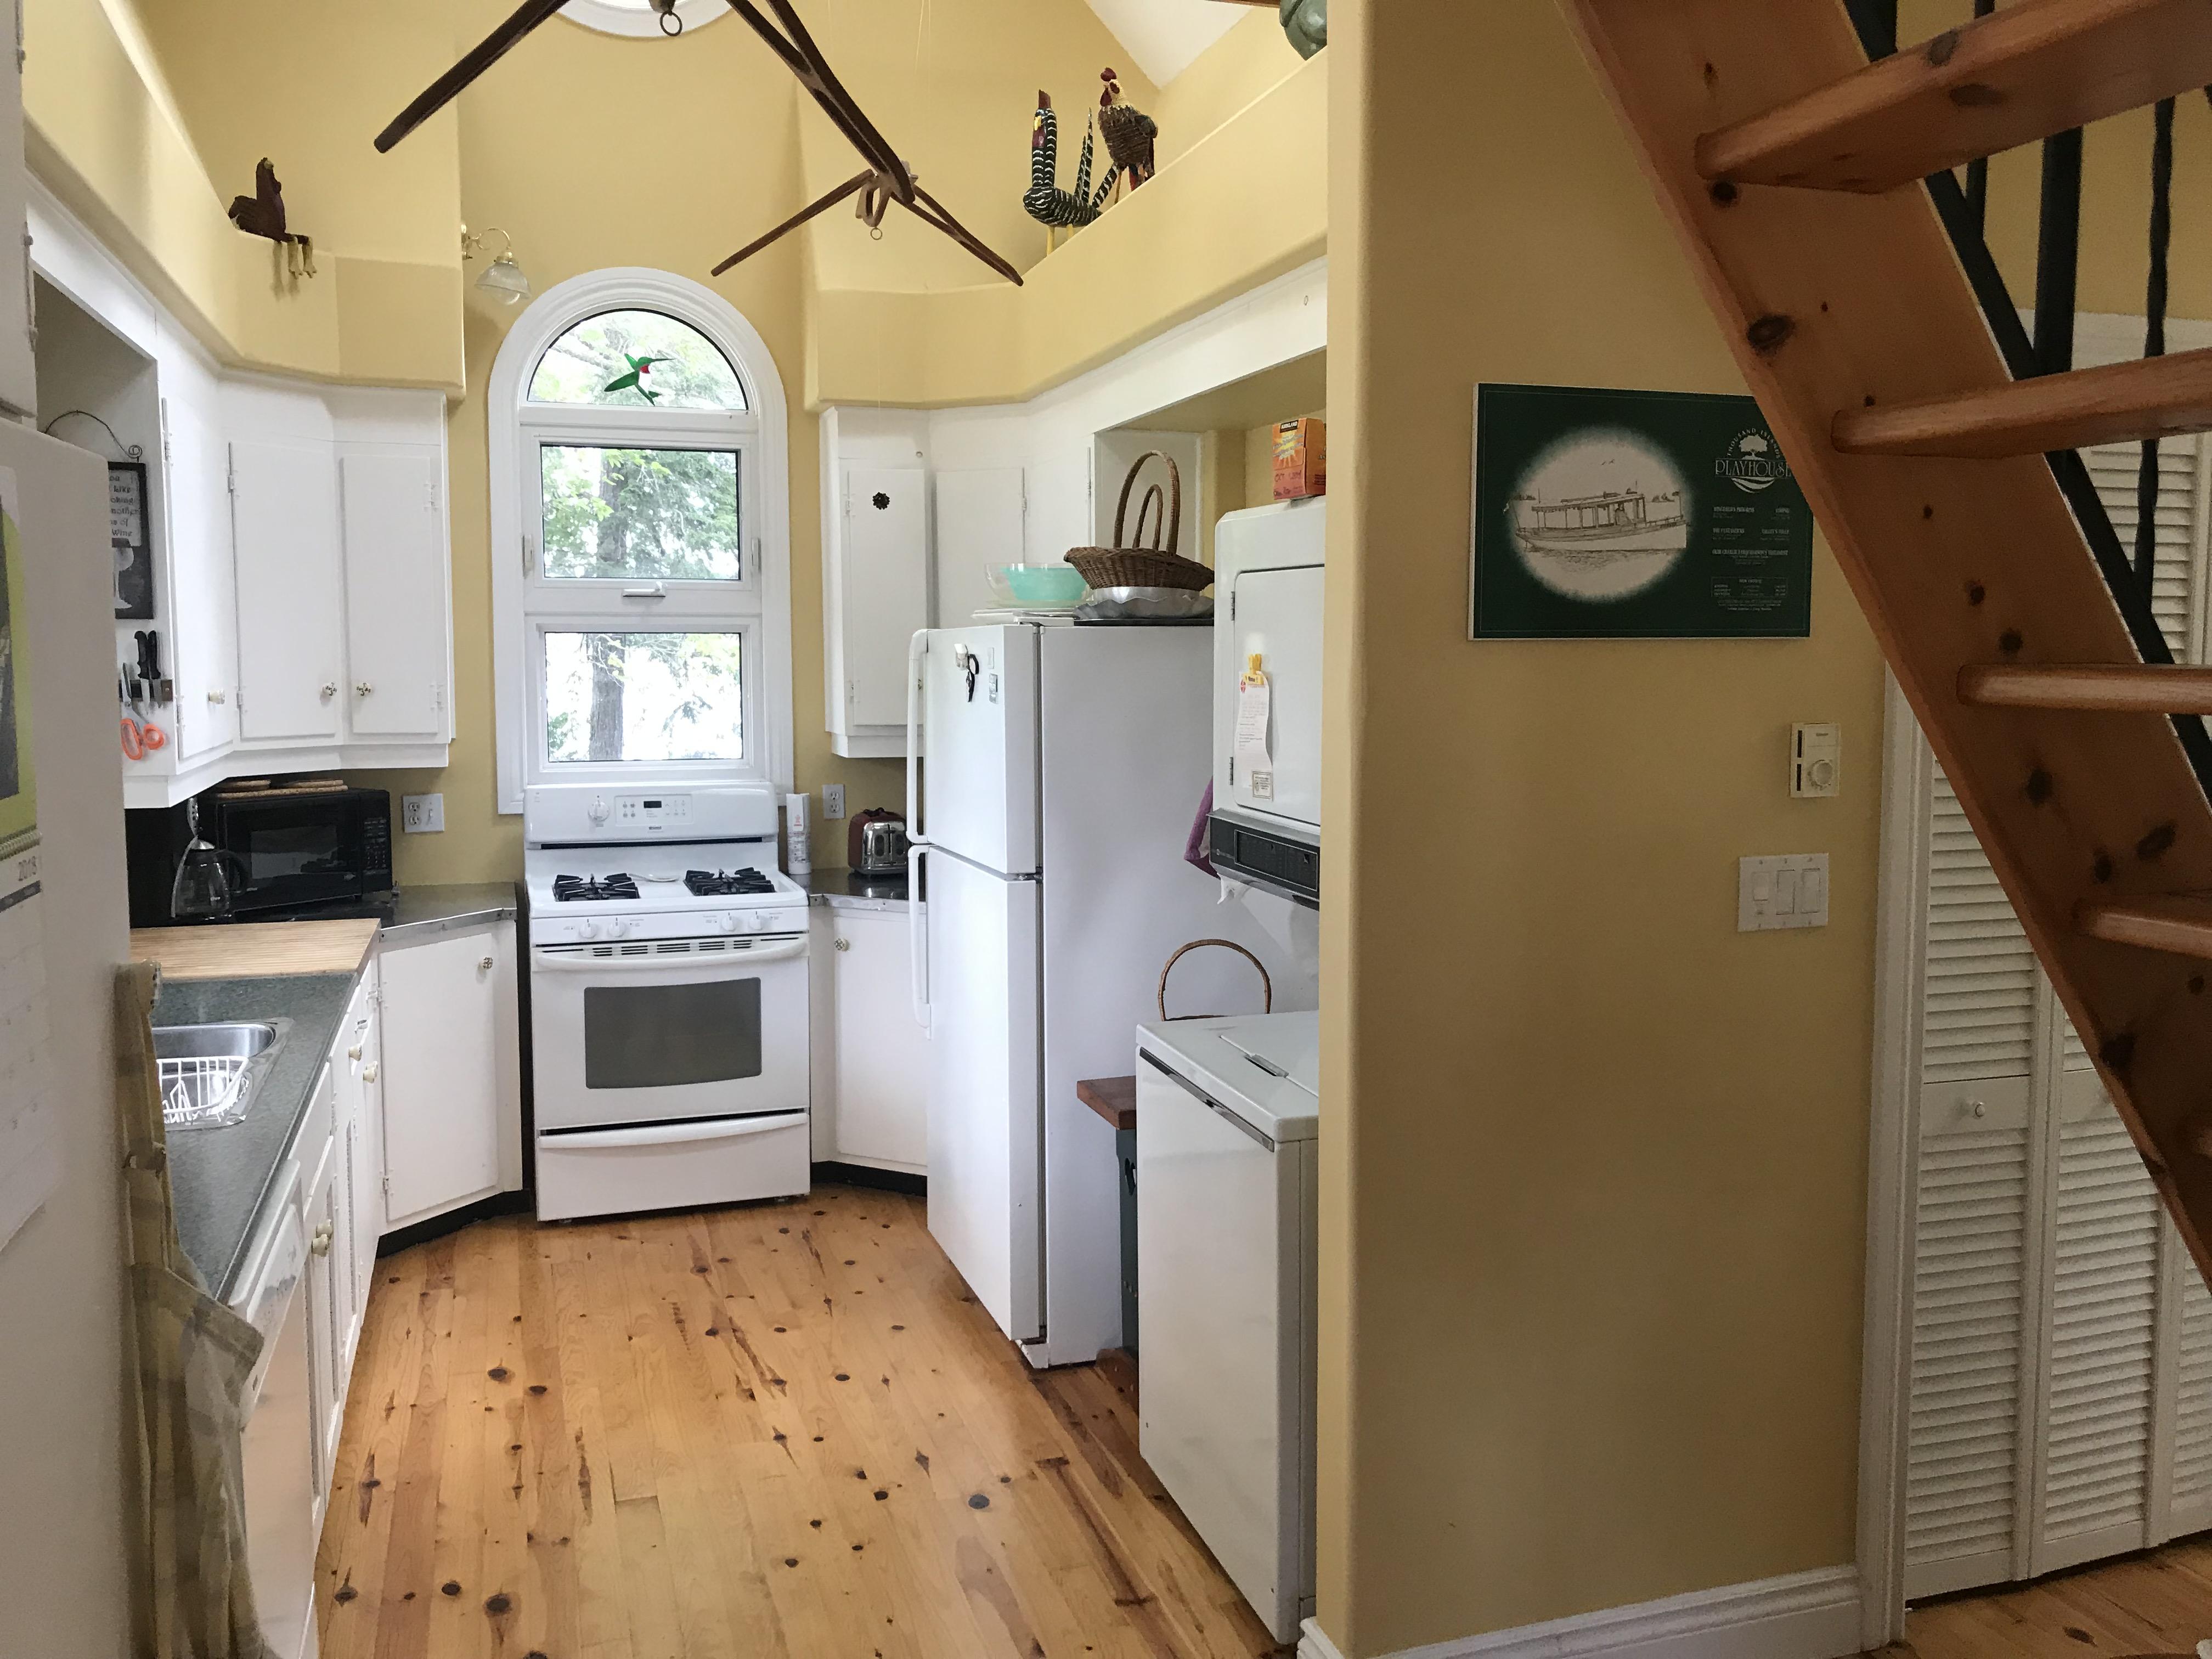 9 Kitchen Broad View